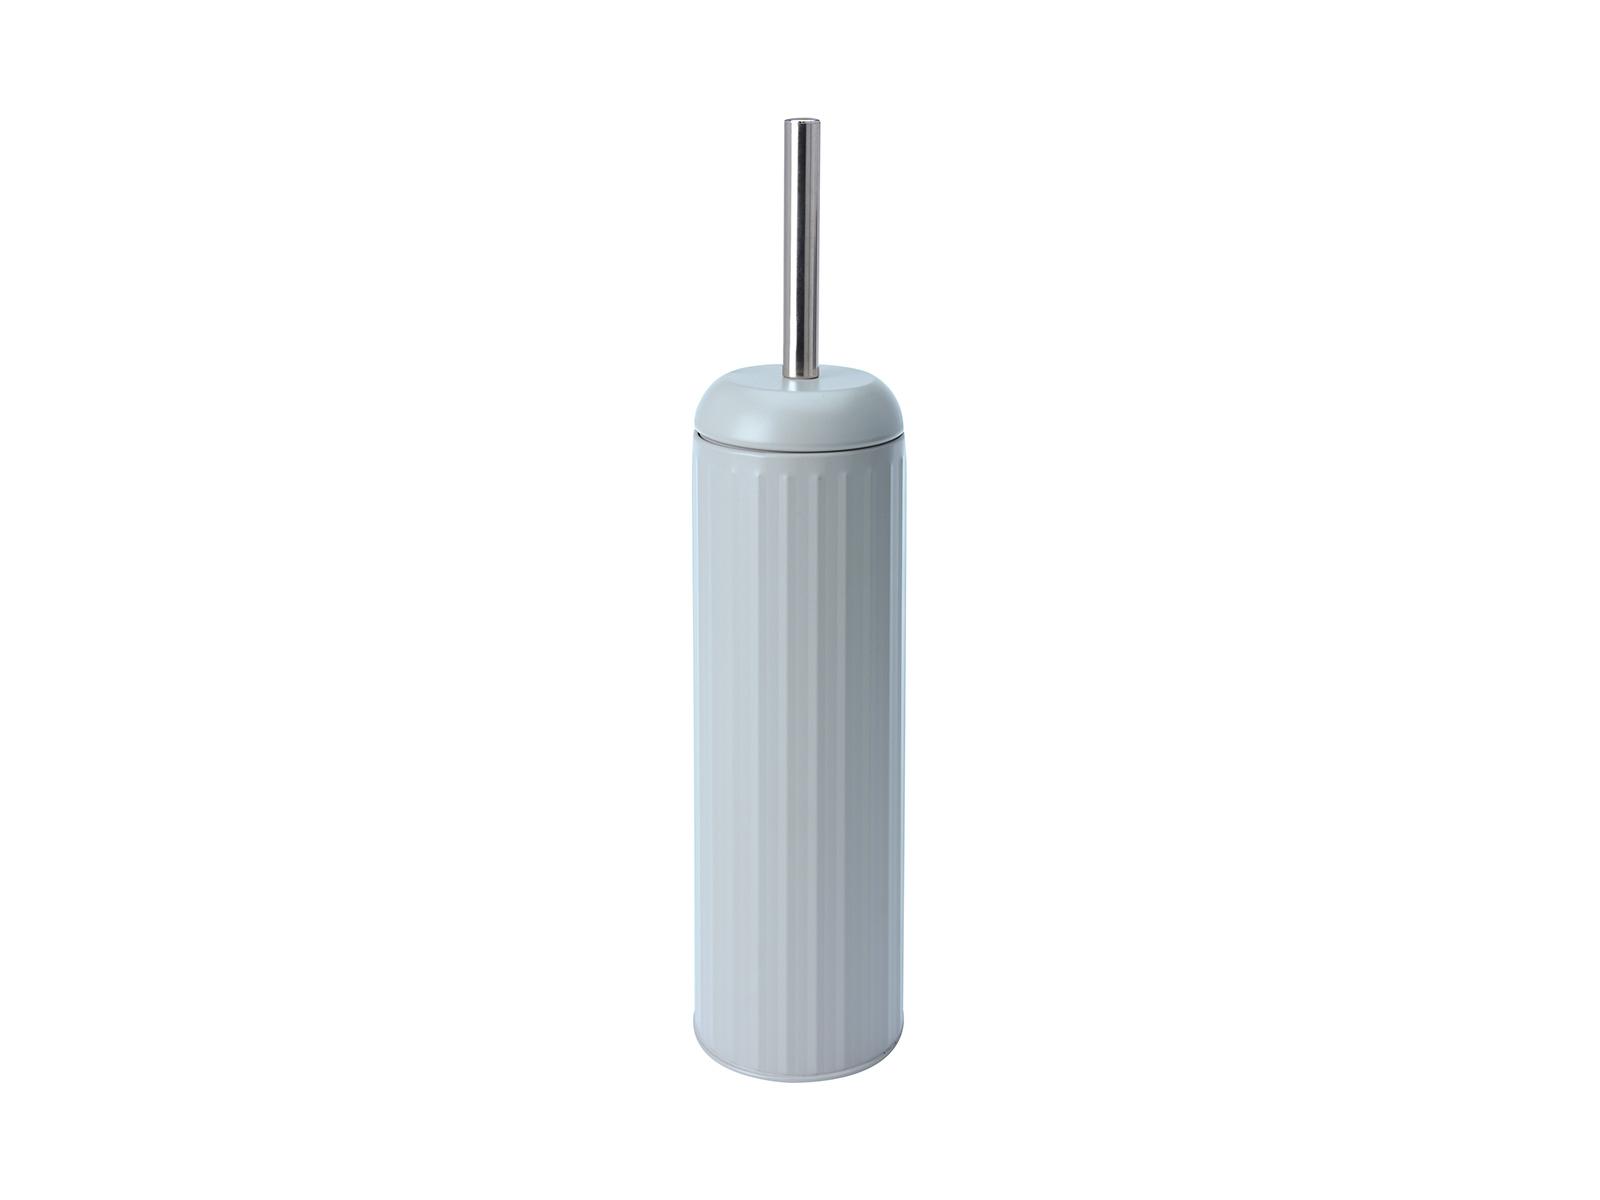 Ёршик SaboТовары для ванной<br>Ёршик для туалета с ручкой и щетиной из полимерных материалов<br>